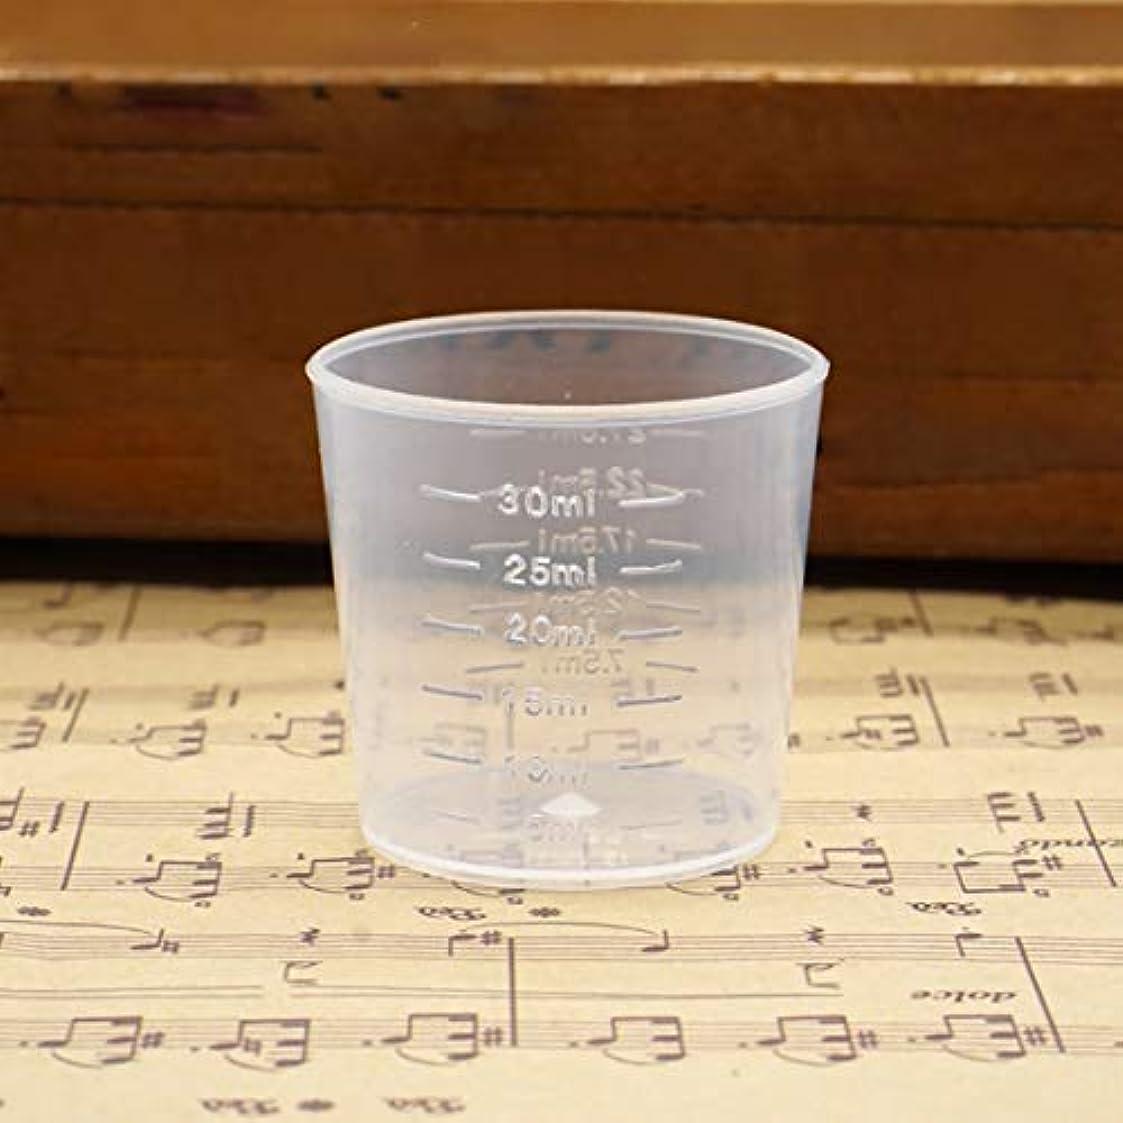 シャイニング不格好コンテスト再利用可能なポータブルサイズ測定カップ水差し卒業表面コンテナキッチンツール測定水差しツール-透明-30ml